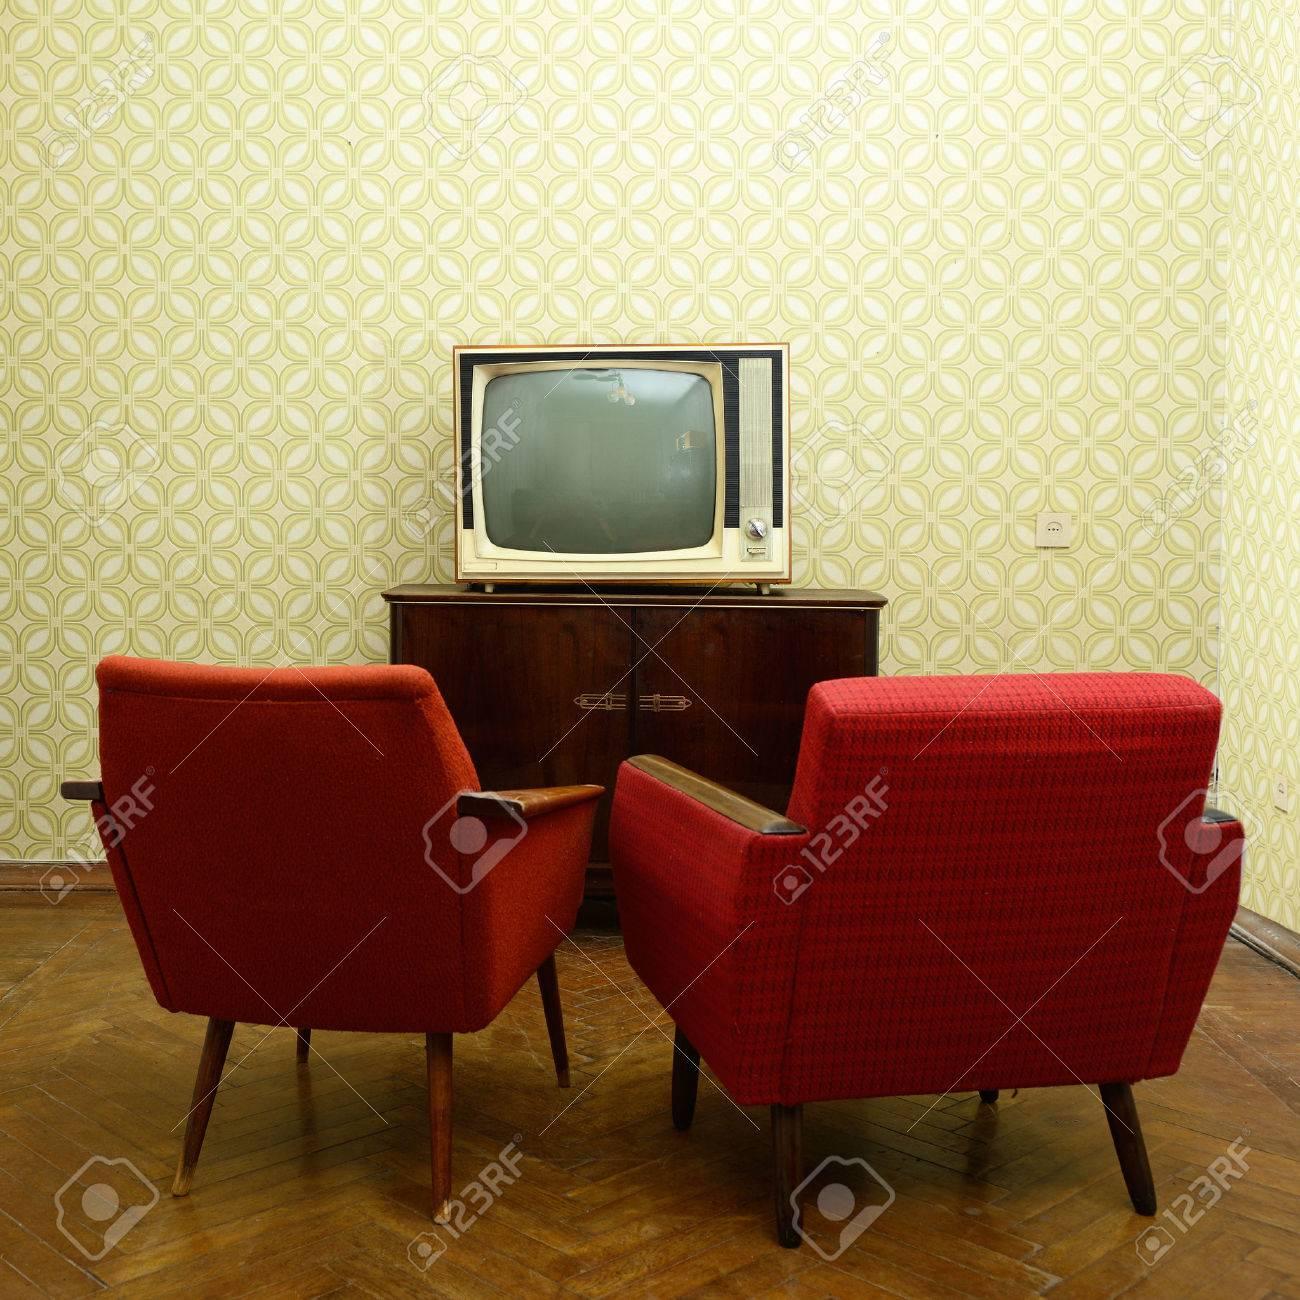 Stanza dell\'annata con due vecchie poltrone stile e retrò tvover carta da  parati obsoleti